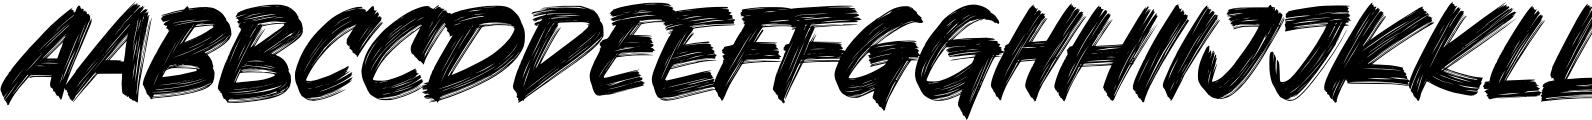 Granesta